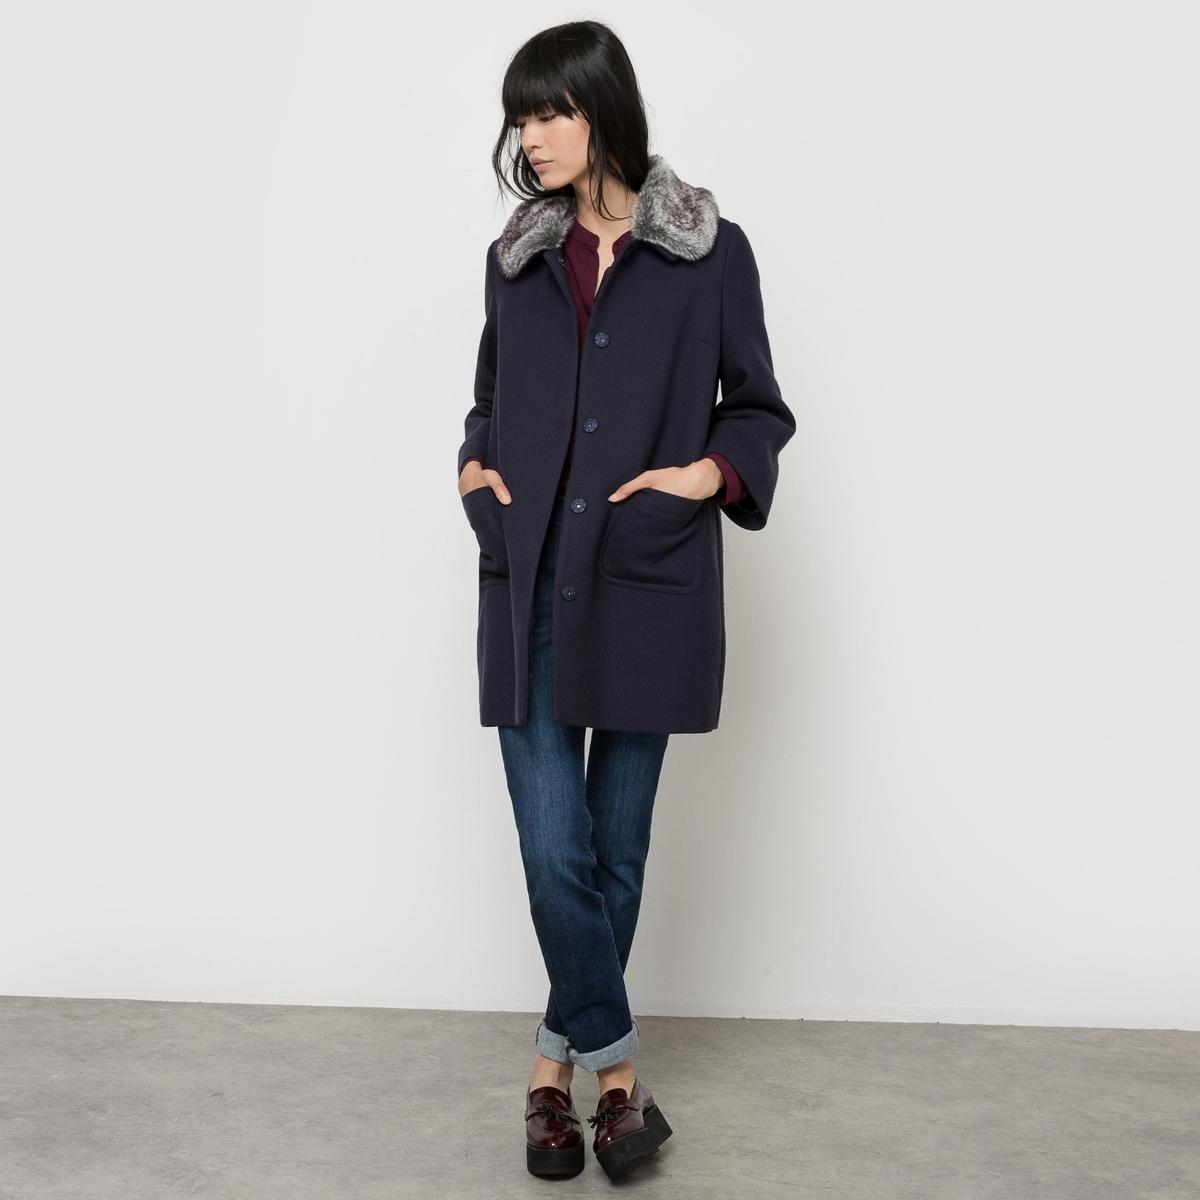 Пальто из шерстяного драпаСостав и описаниеМарка : See U SoonМатериалы : Пальто 64% полиэстера, 34% вискозы, 2% эластана - Подкладка 100% полиэстера - Наполнитель 100% полиэстераУходСледуйте рекомендациям по уходу, указанным на этикетке<br><br>Цвет: темно-синий<br>Размер: XS